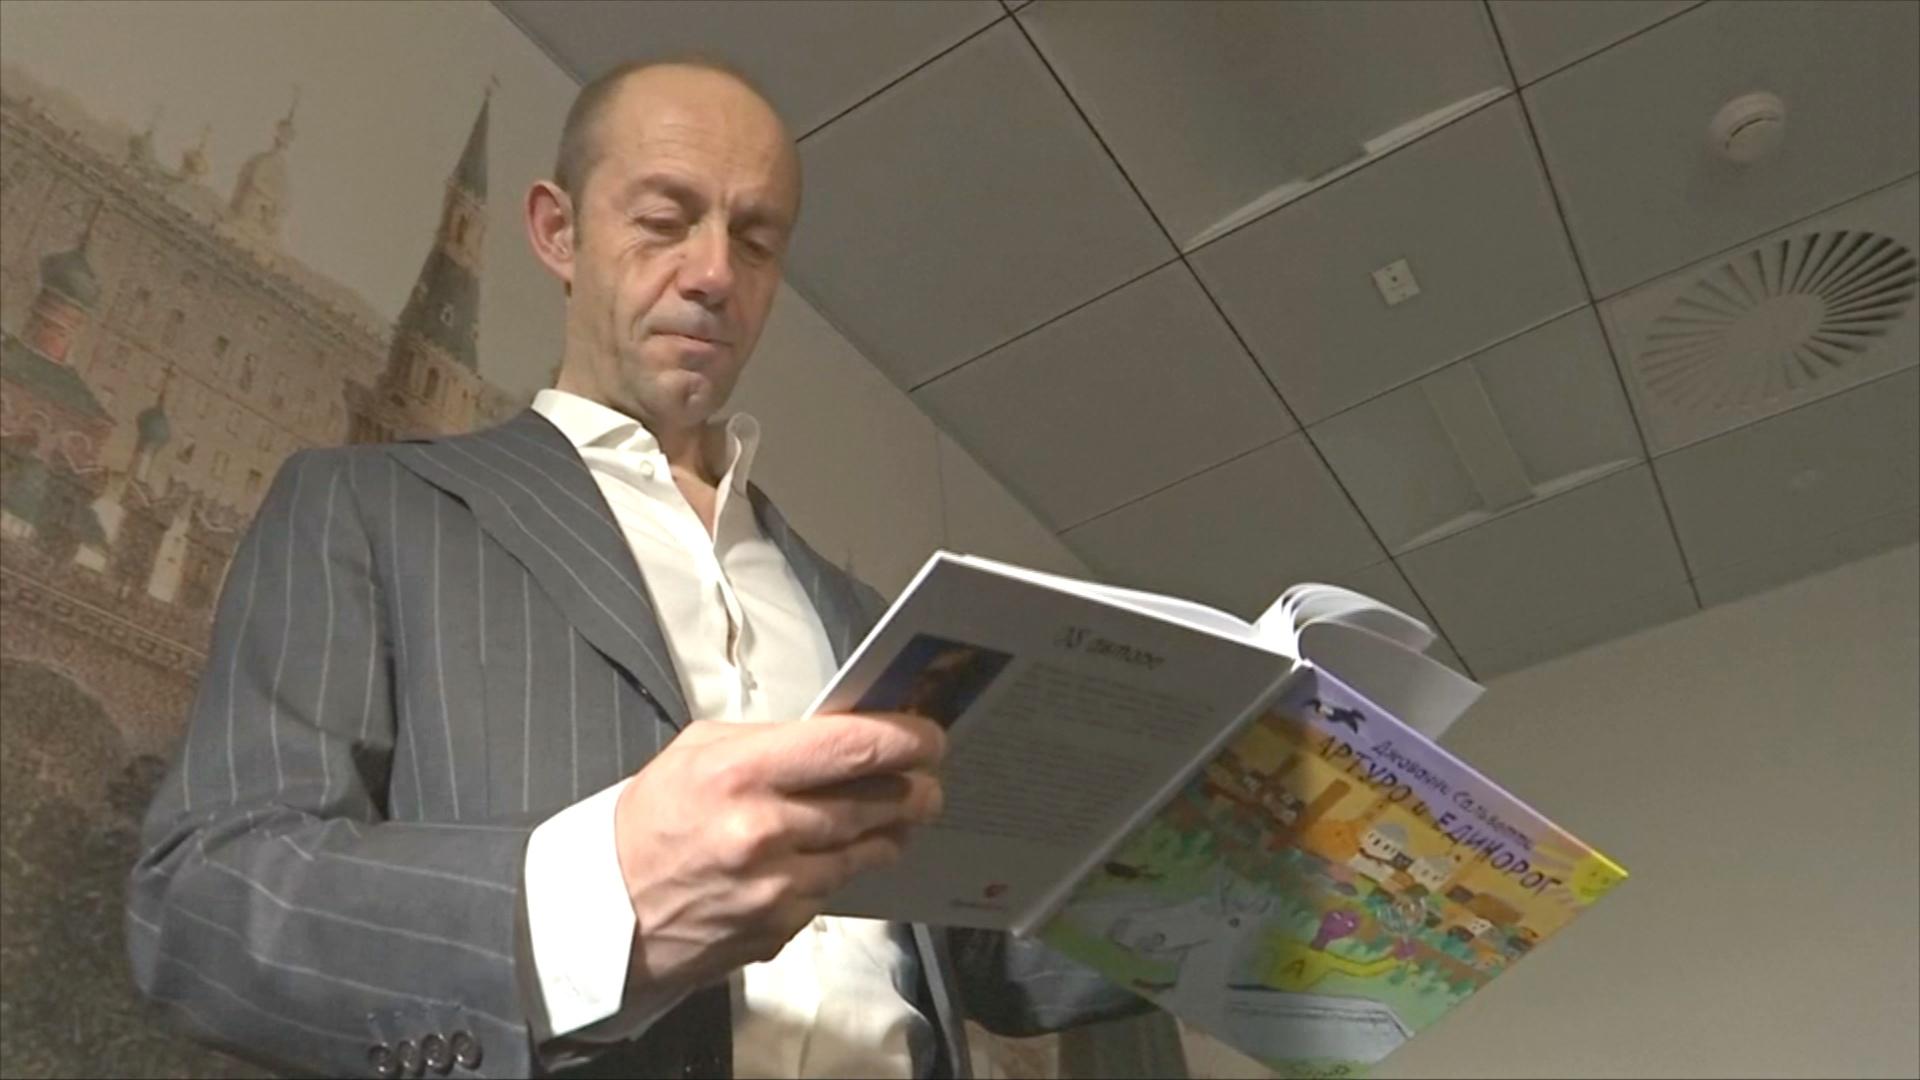 Банкир и сказочник: глава Rothschild в СНГ выпустил детскую книгу